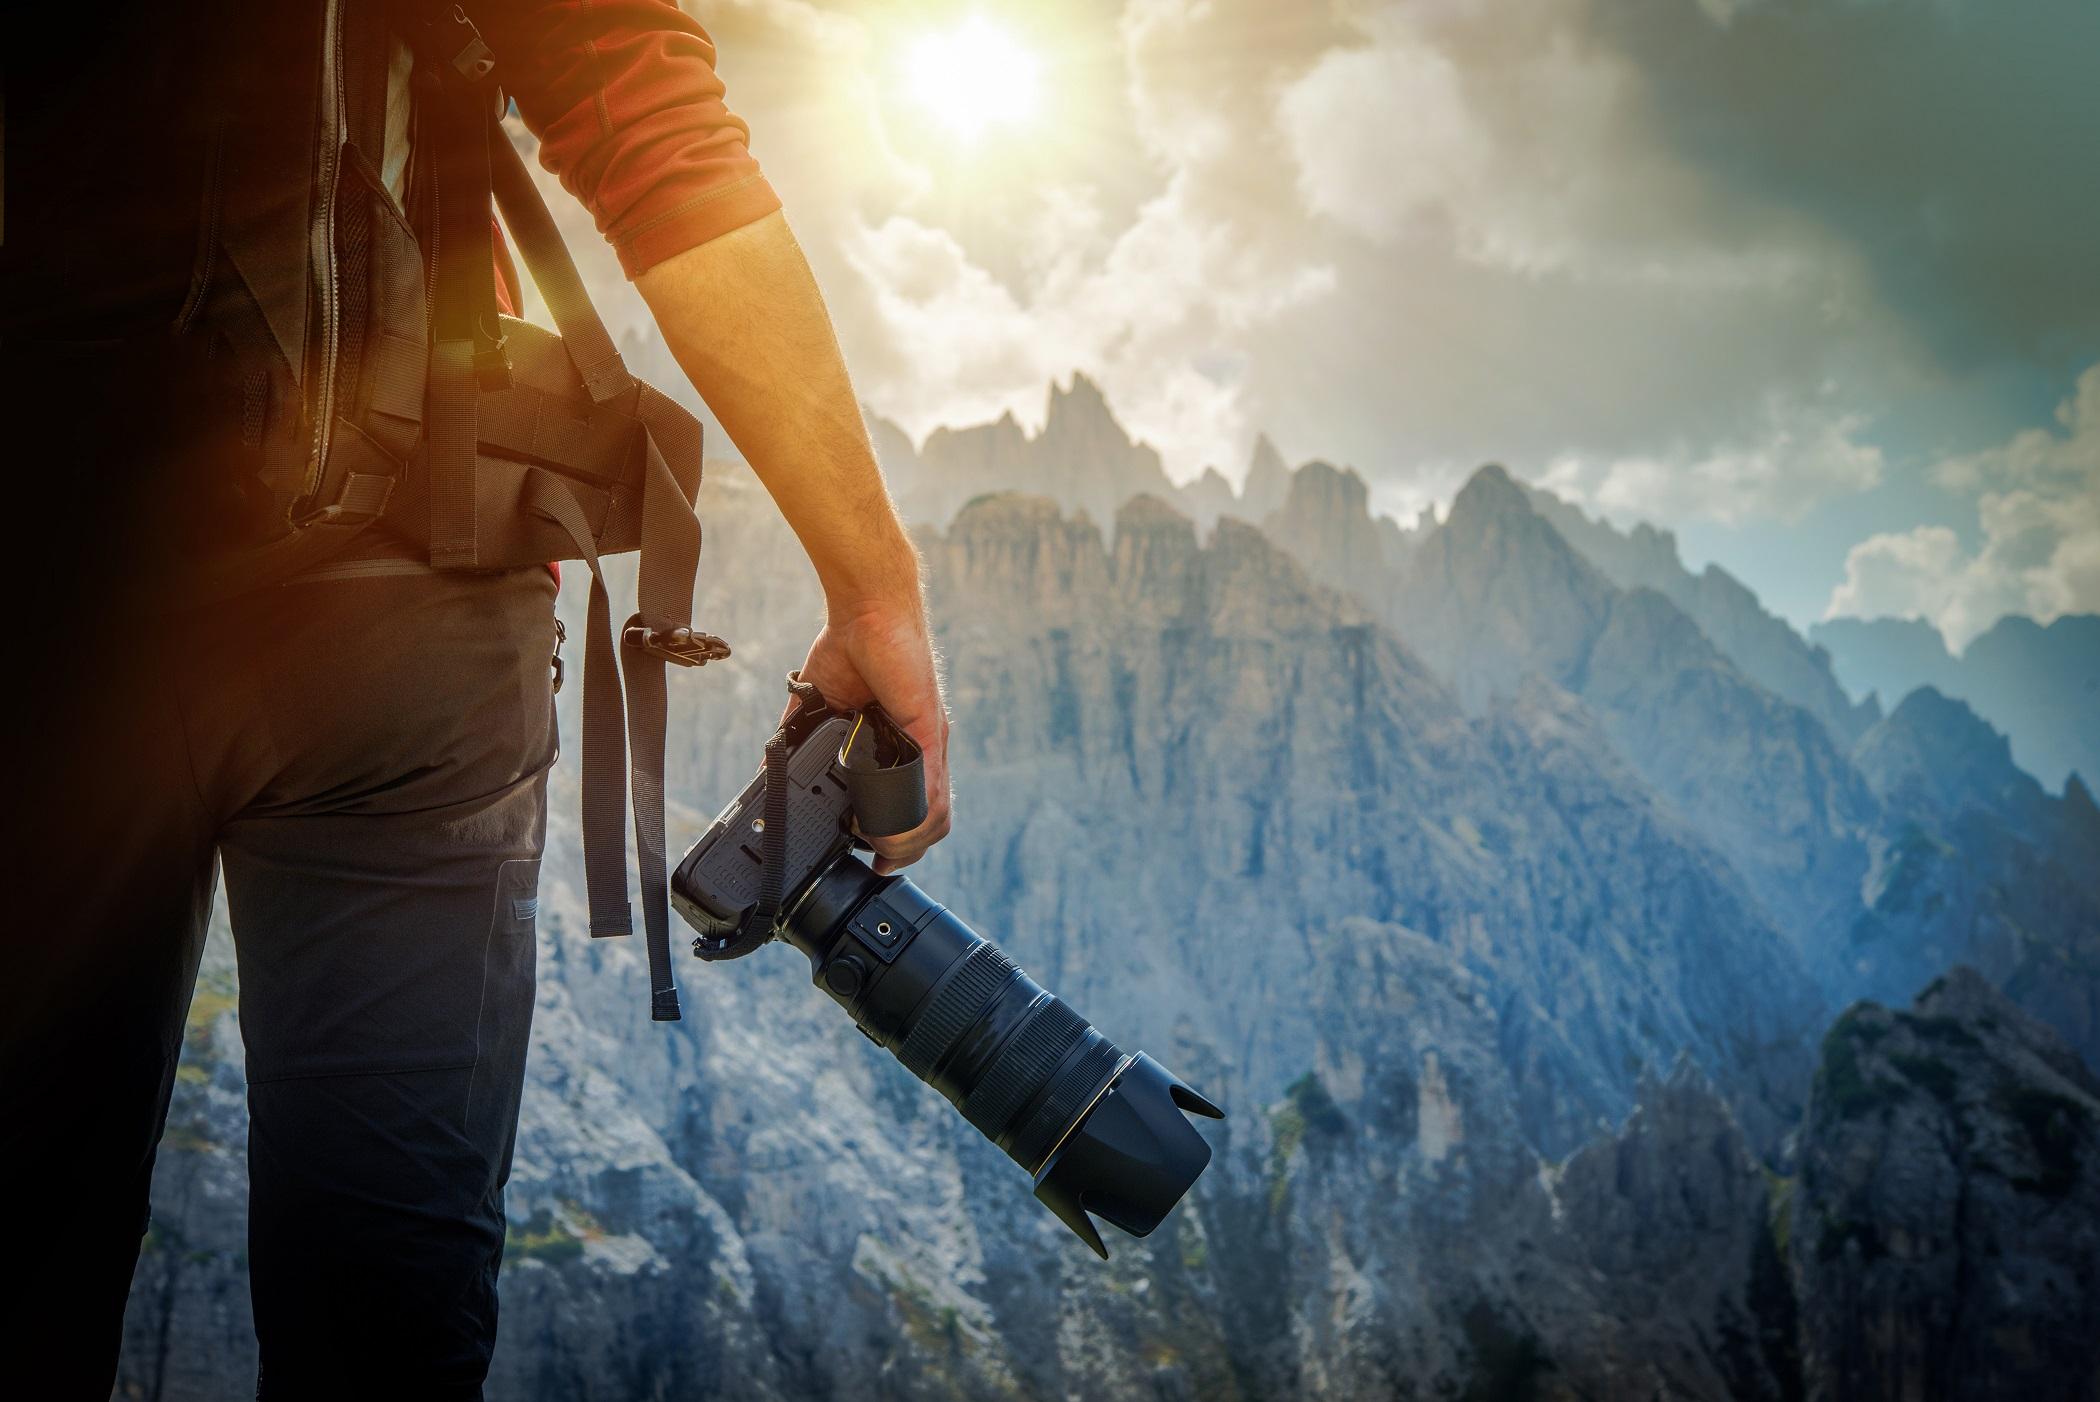 Valokuvaajille